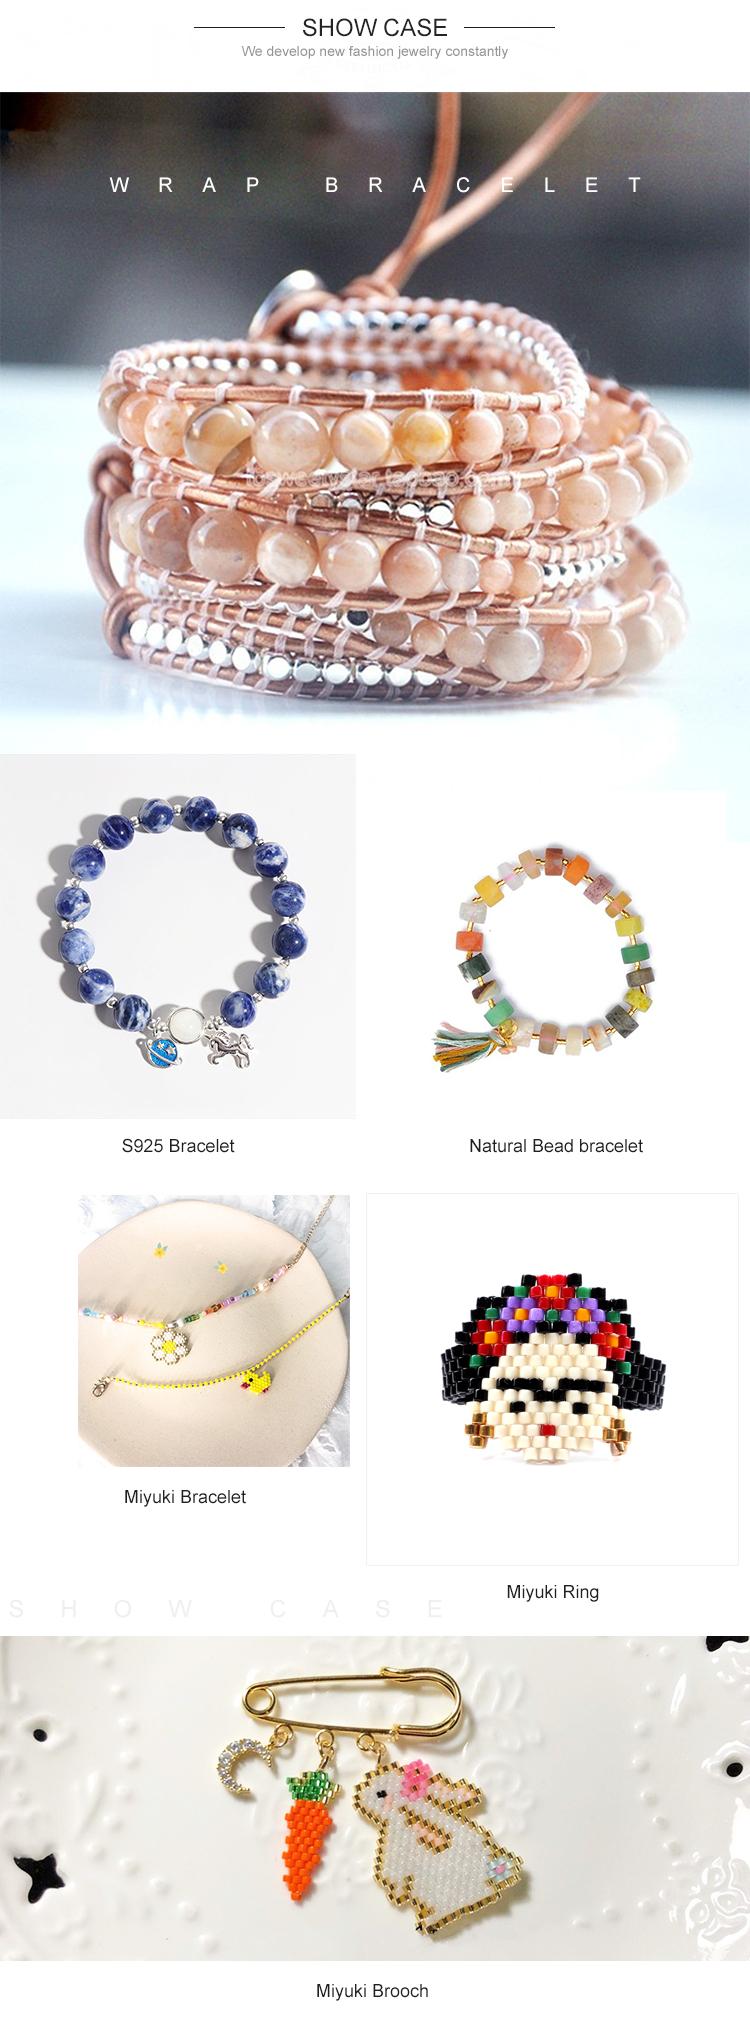 Ручной работы ювелирные изделия золотые звезды Miyuki семян бусины браслет манжета ювелирные изделия для мужчин Этническая кисточкой браслеты